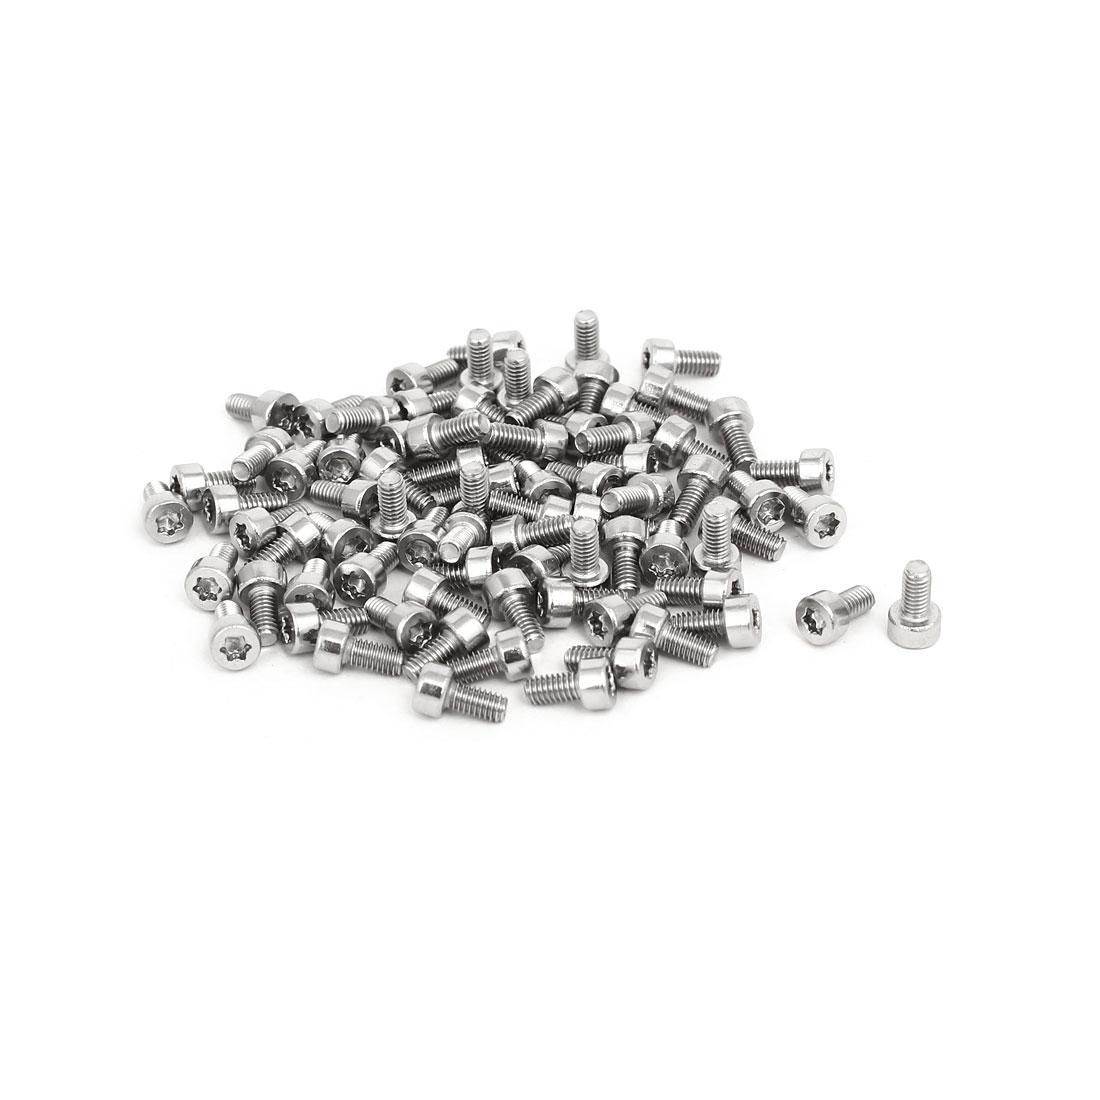 M2.5x5mm T8 Torx Drive 304 Stainless Steel Torx Socket Head Cap Screw 80pcs